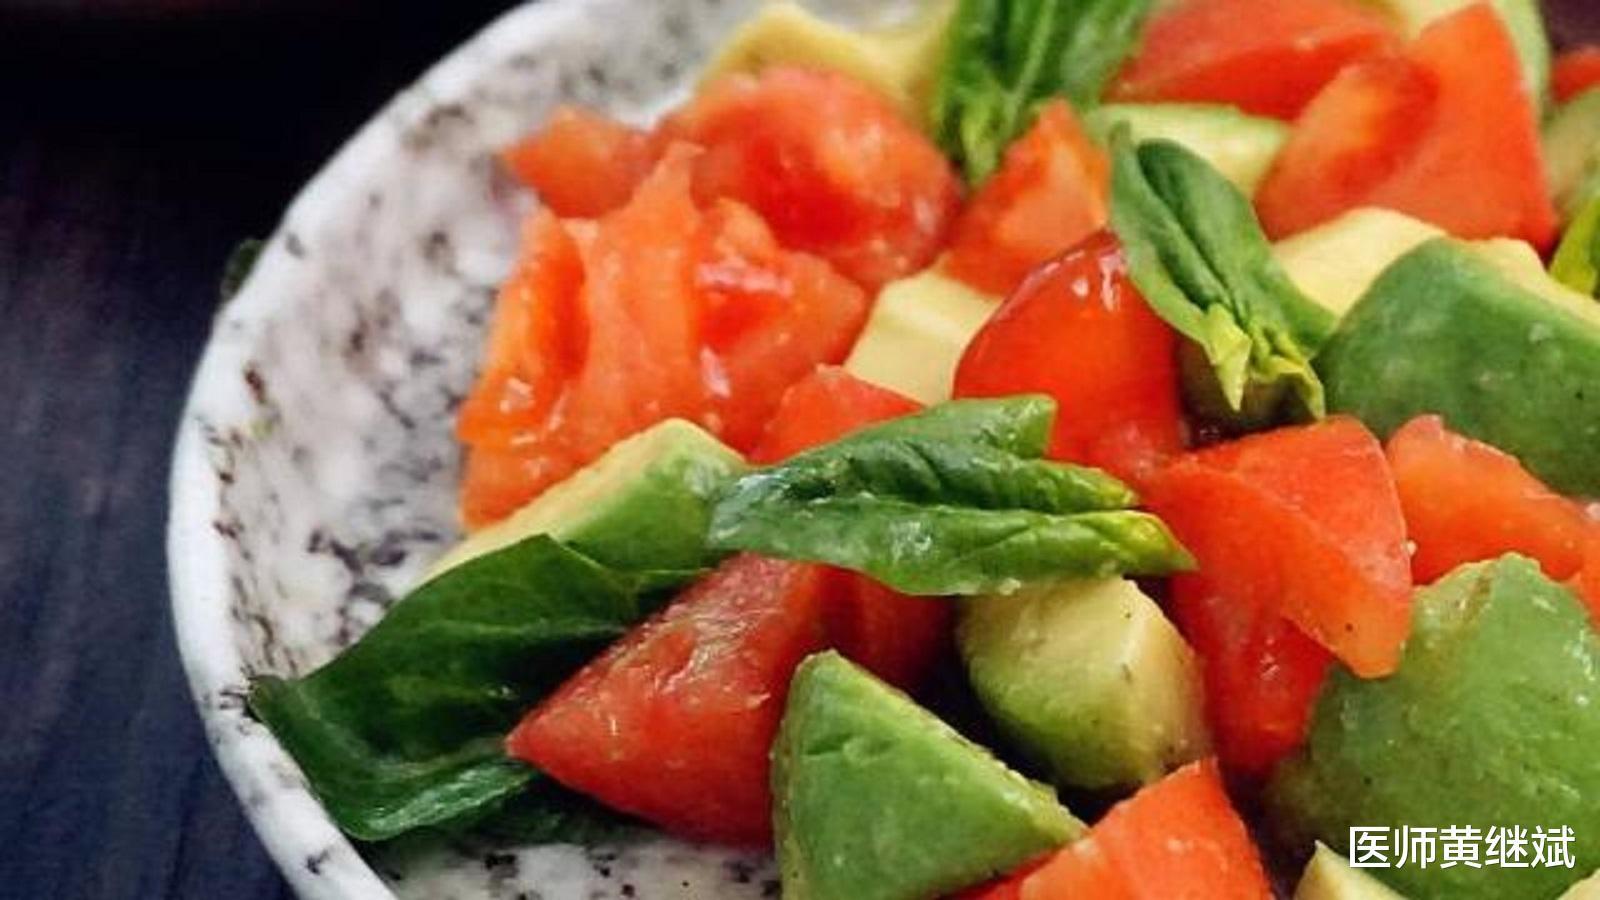 原创夏季容易使人上火,如果嘴唇起泡了,吃什么水果比较好?